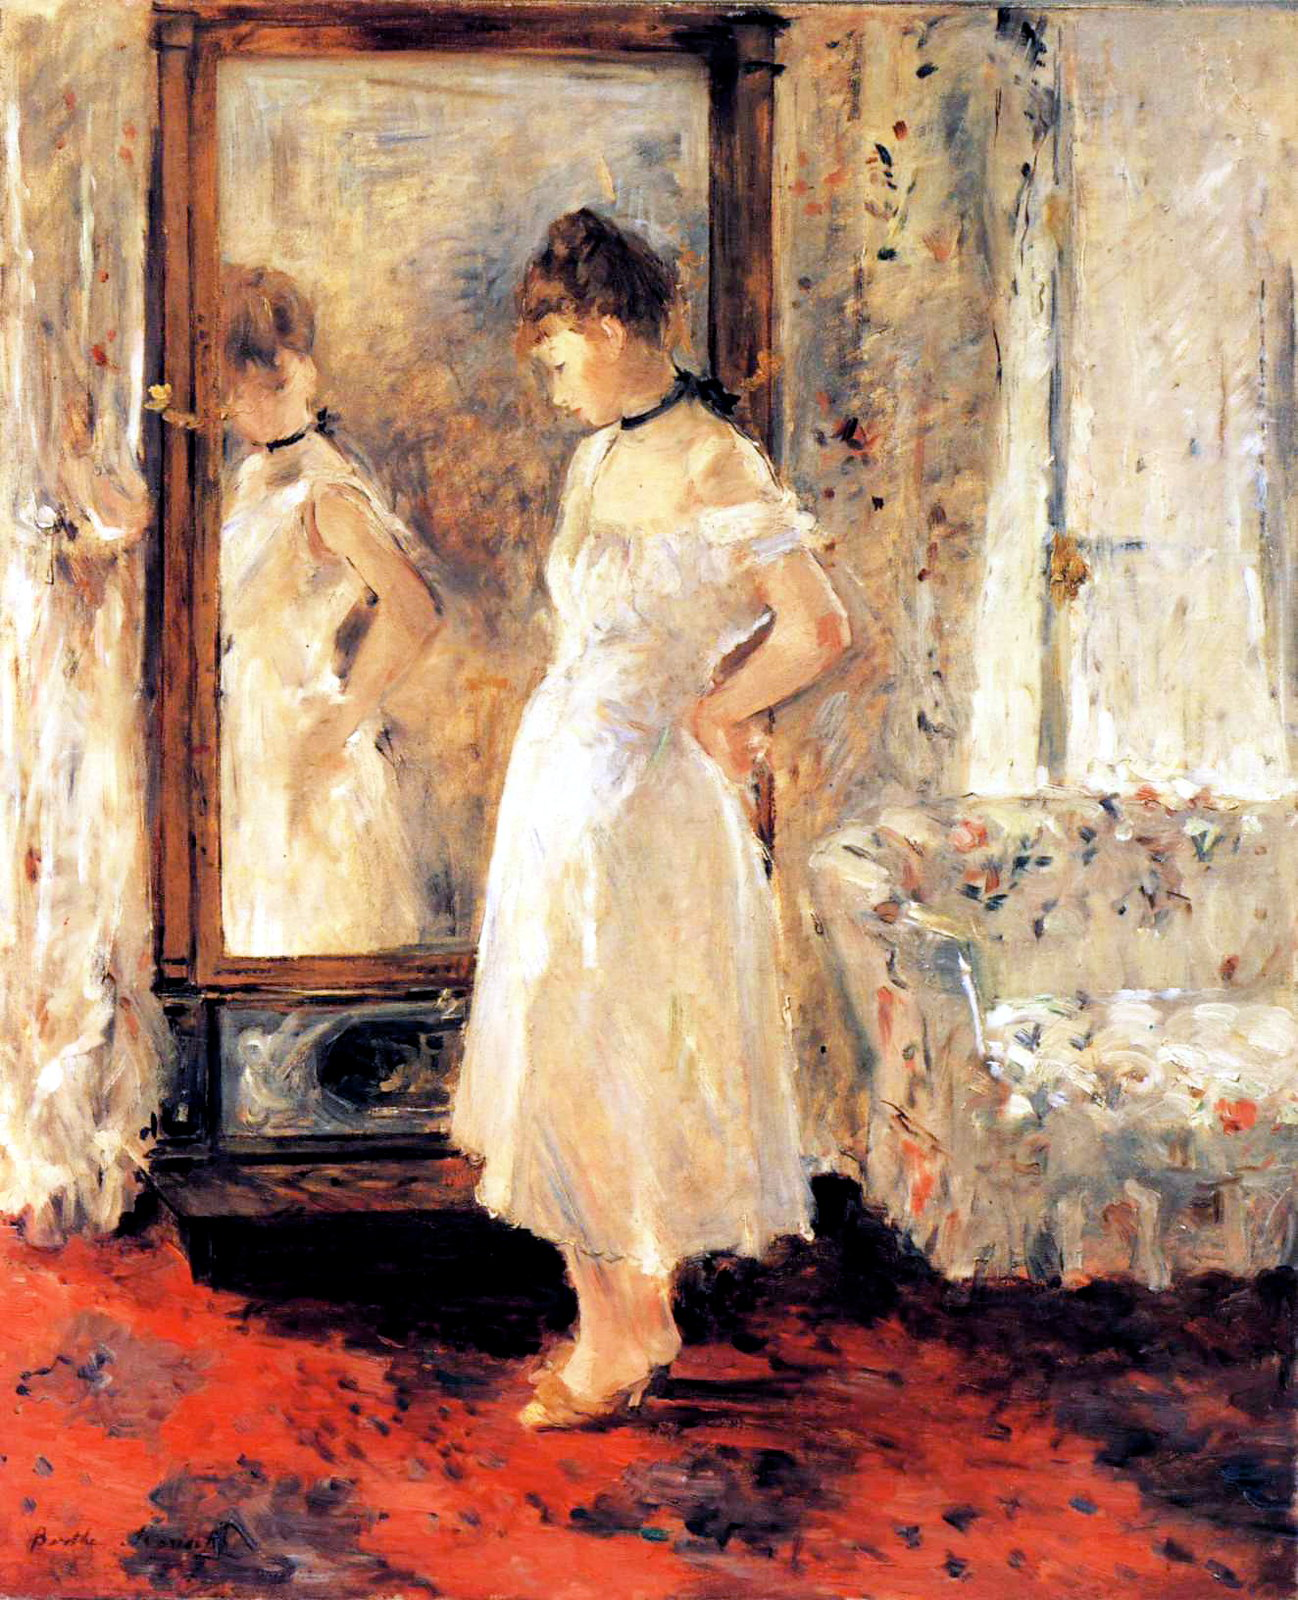 Psyché by Berthe Morisot, 1875